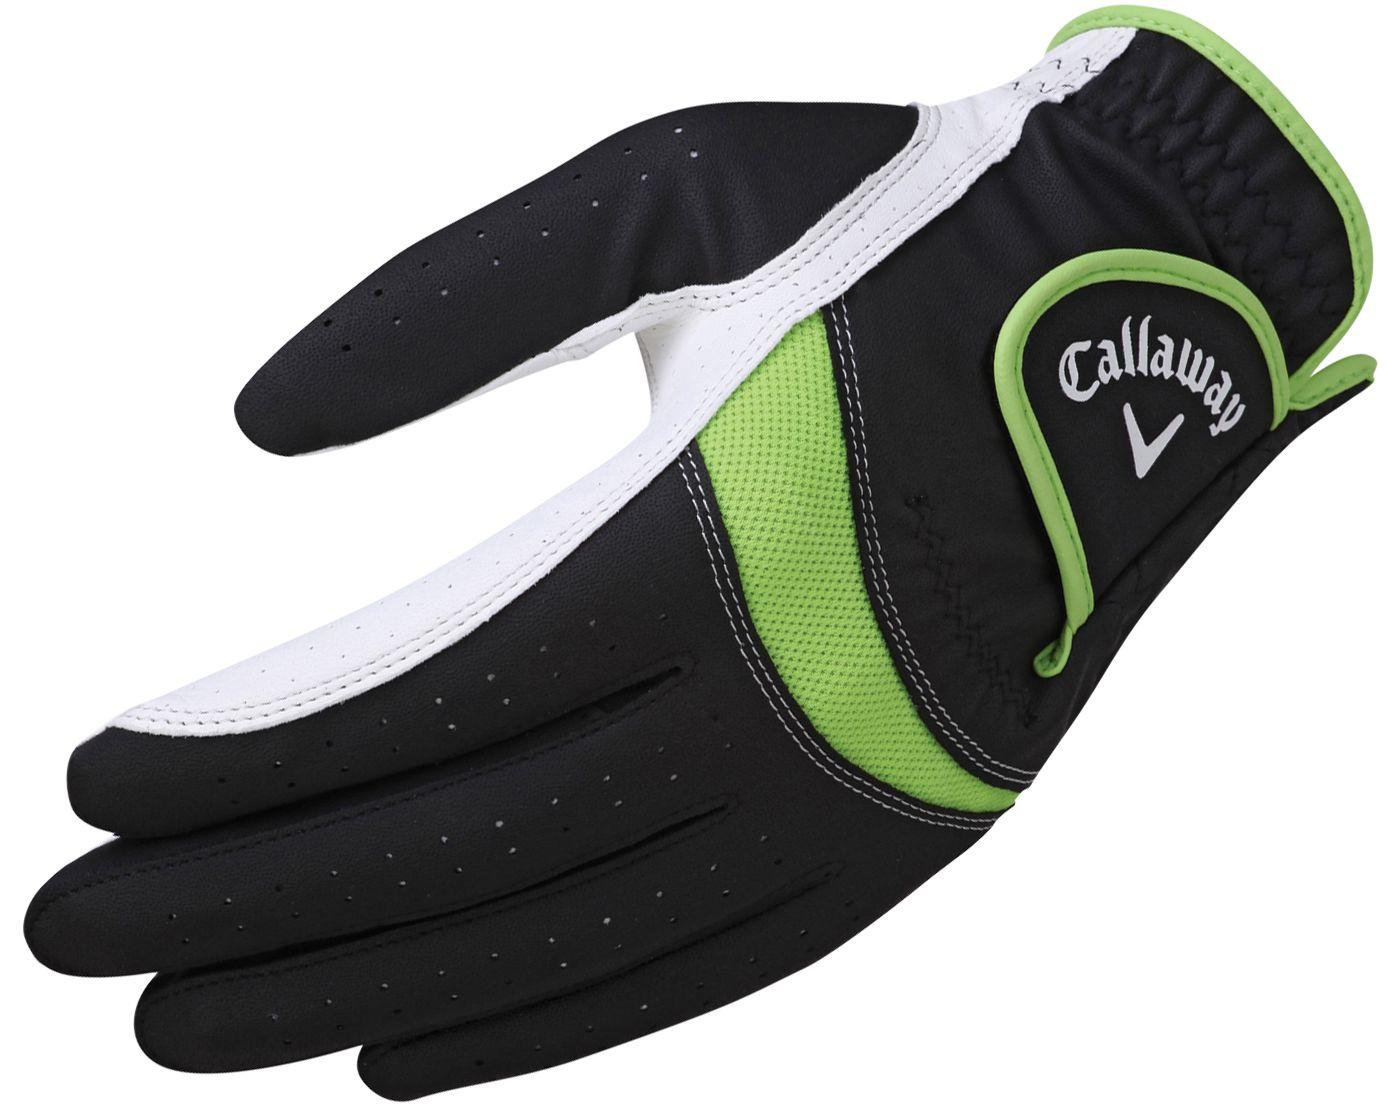 Callaway X-Tech Golf Glove